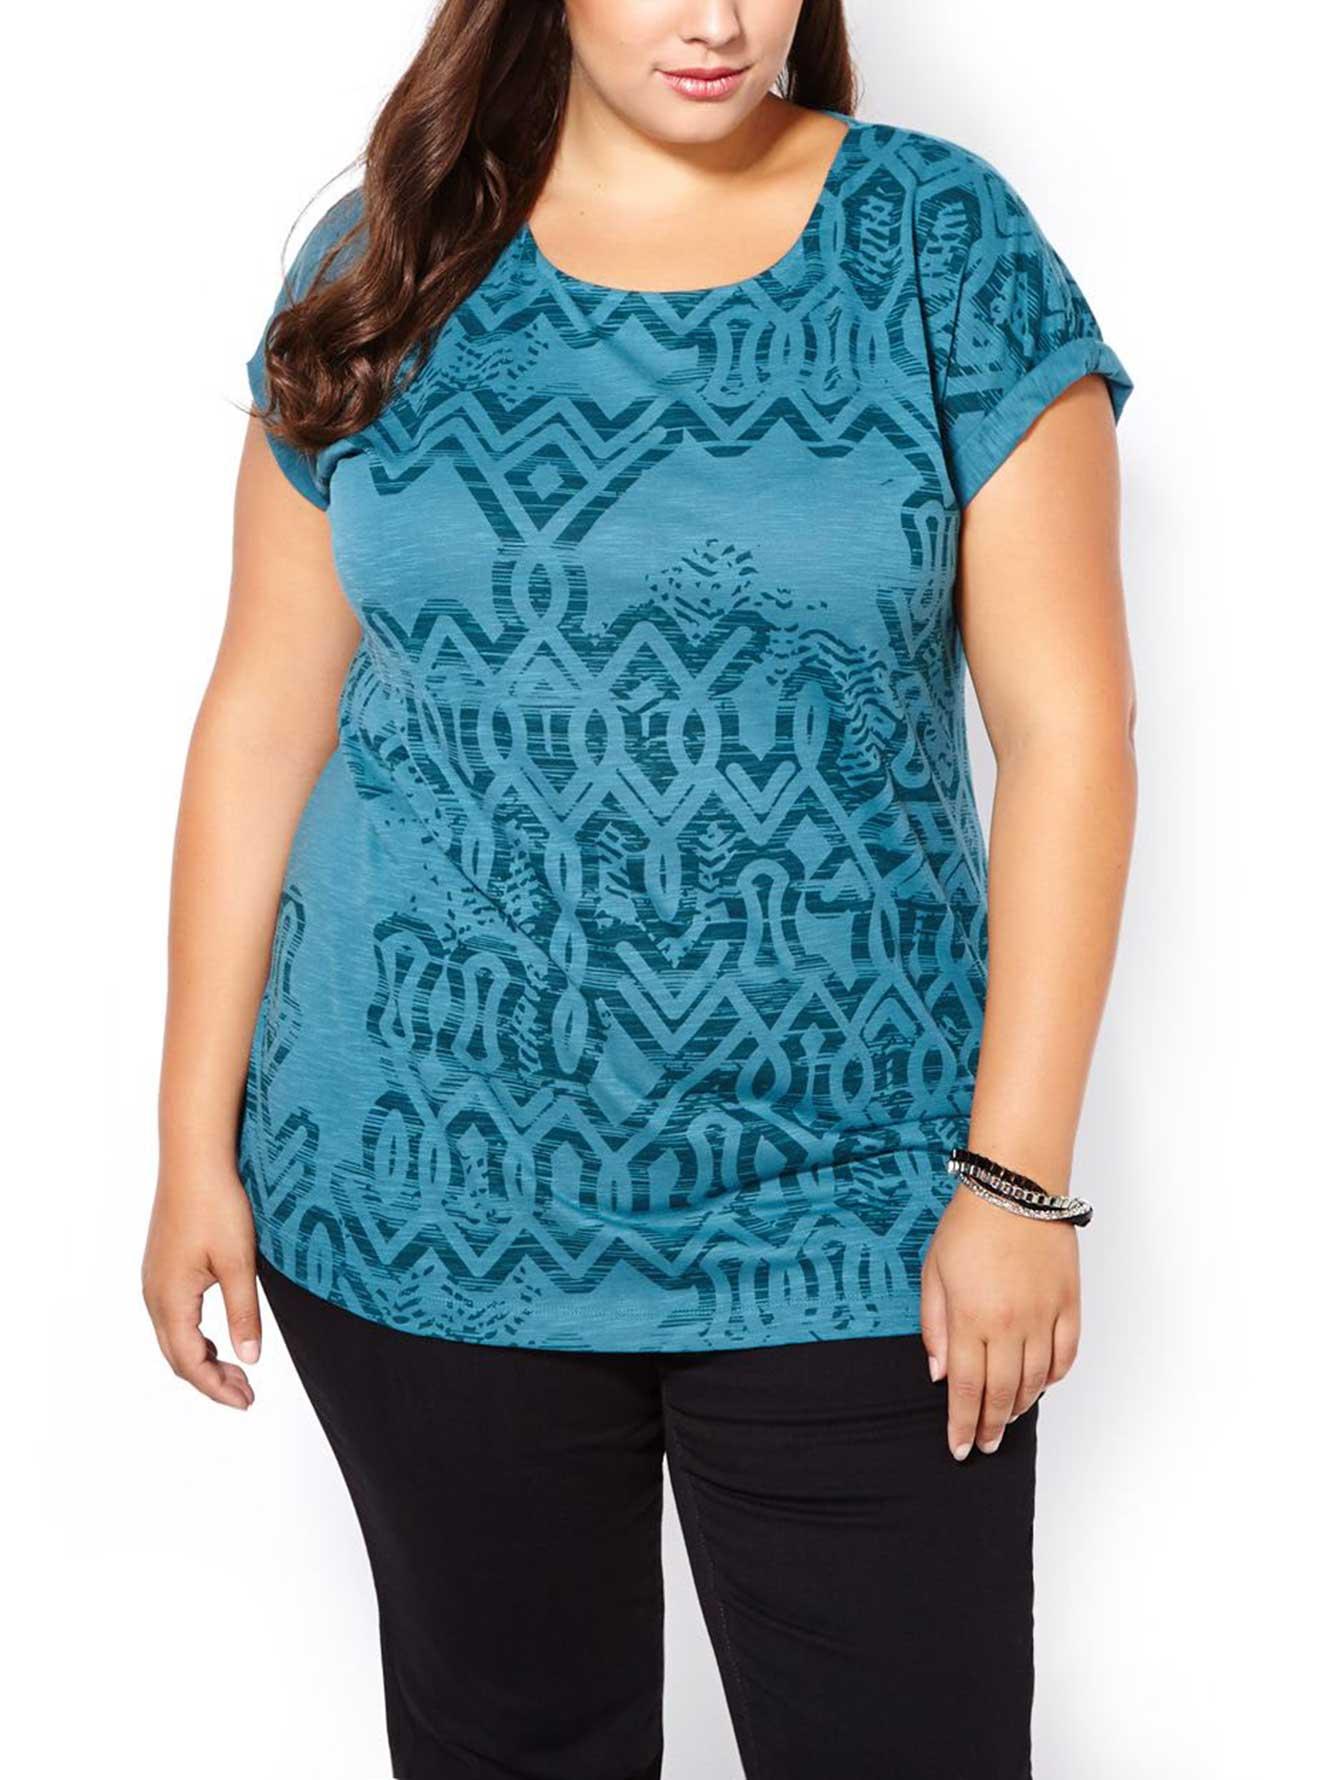 Relaxed fit screen print t shirt penningtons for Screen print t shirt